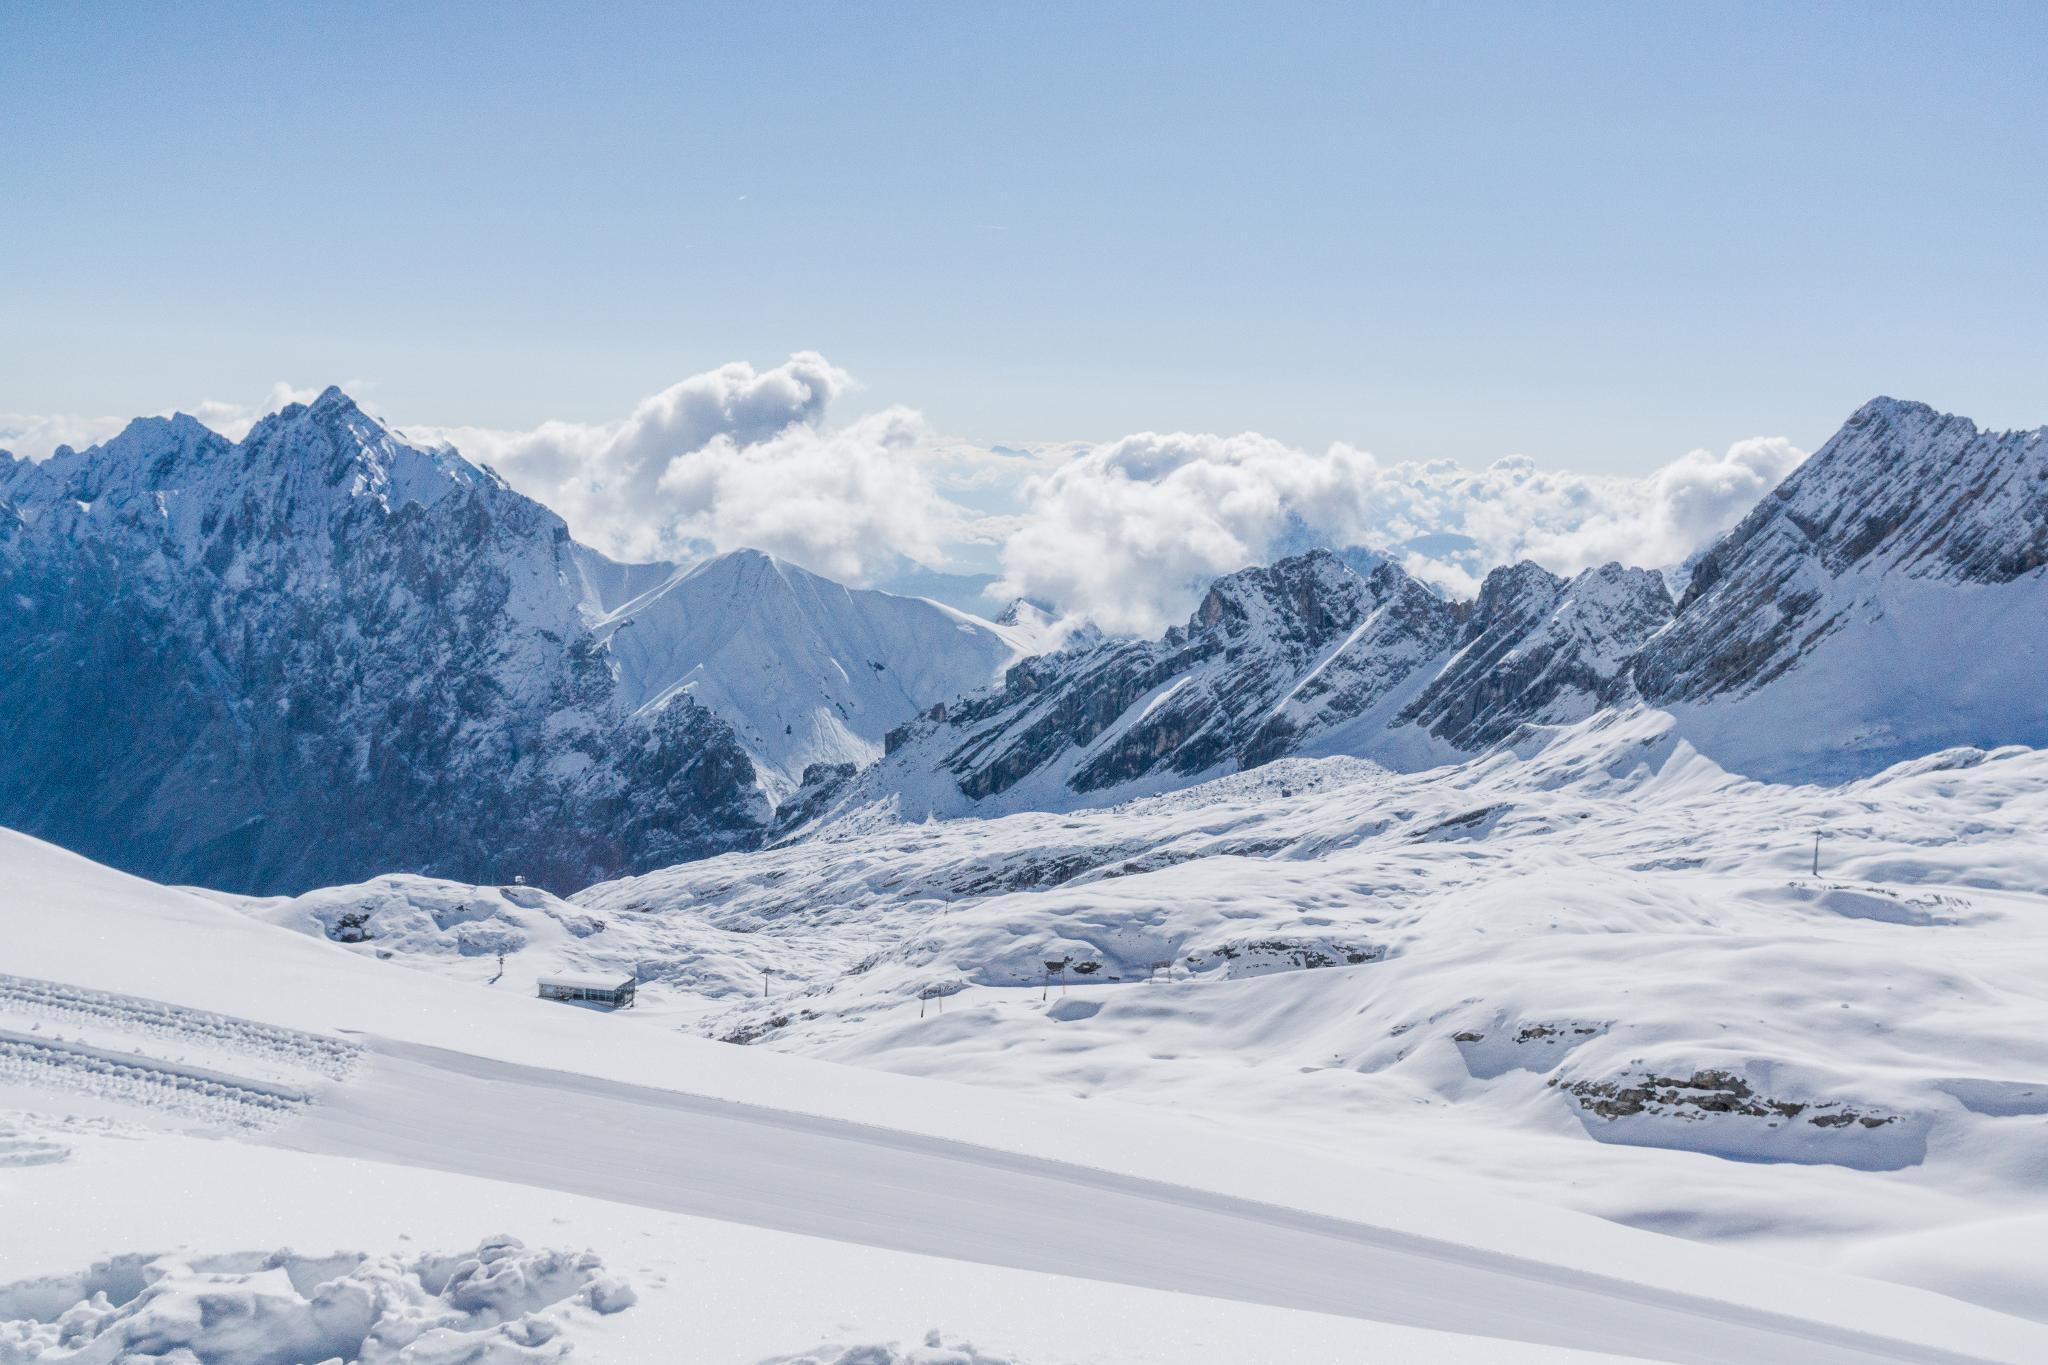 【德國】阿爾卑斯大道:楚格峰 (Zugspitze) 登上德國之巔 22